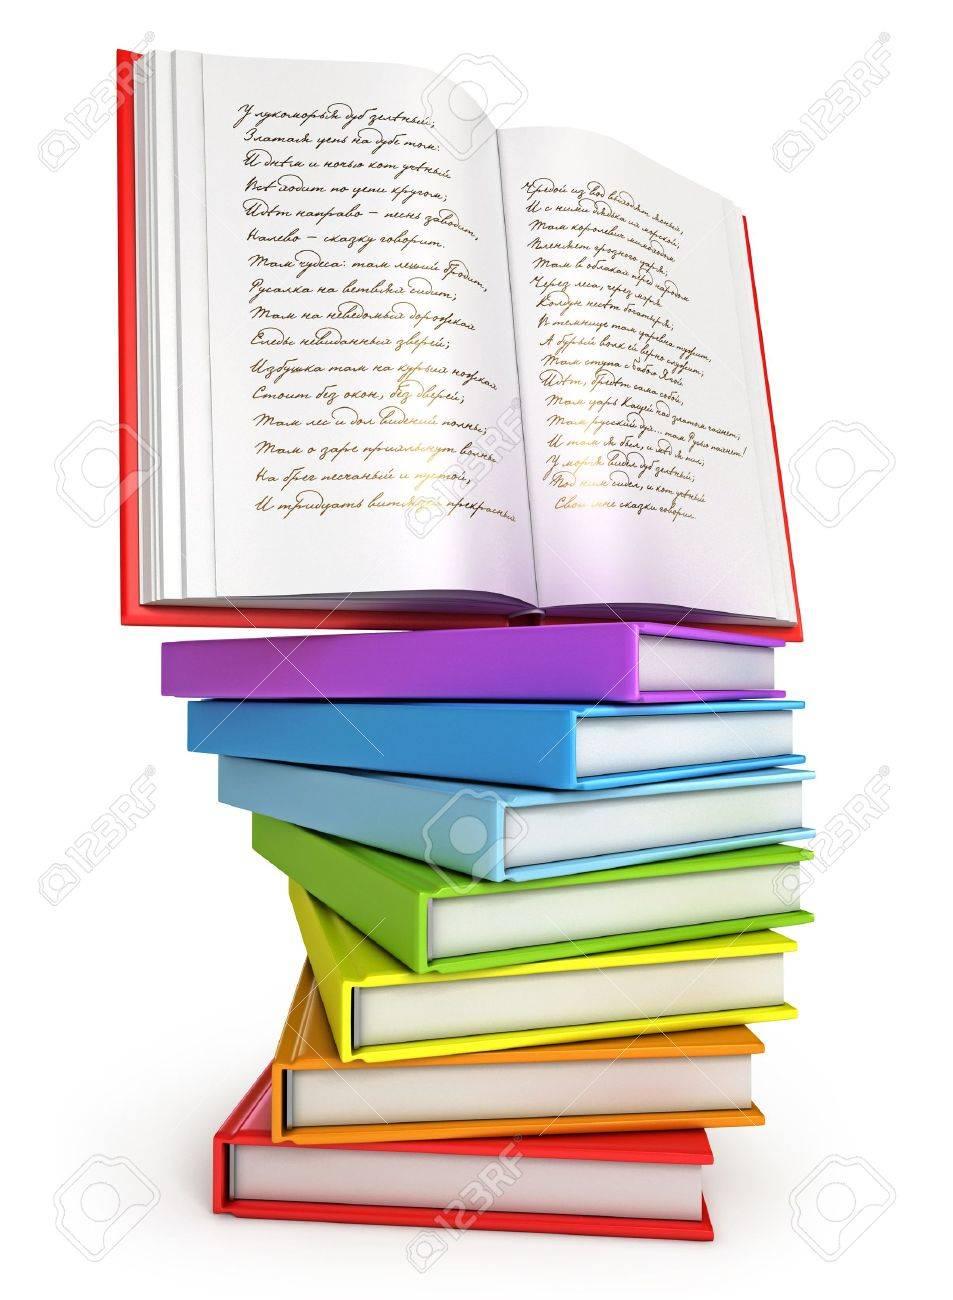 Une Pile De Livres Colores Avec Le Livre Ouvert Sur Le Dessus